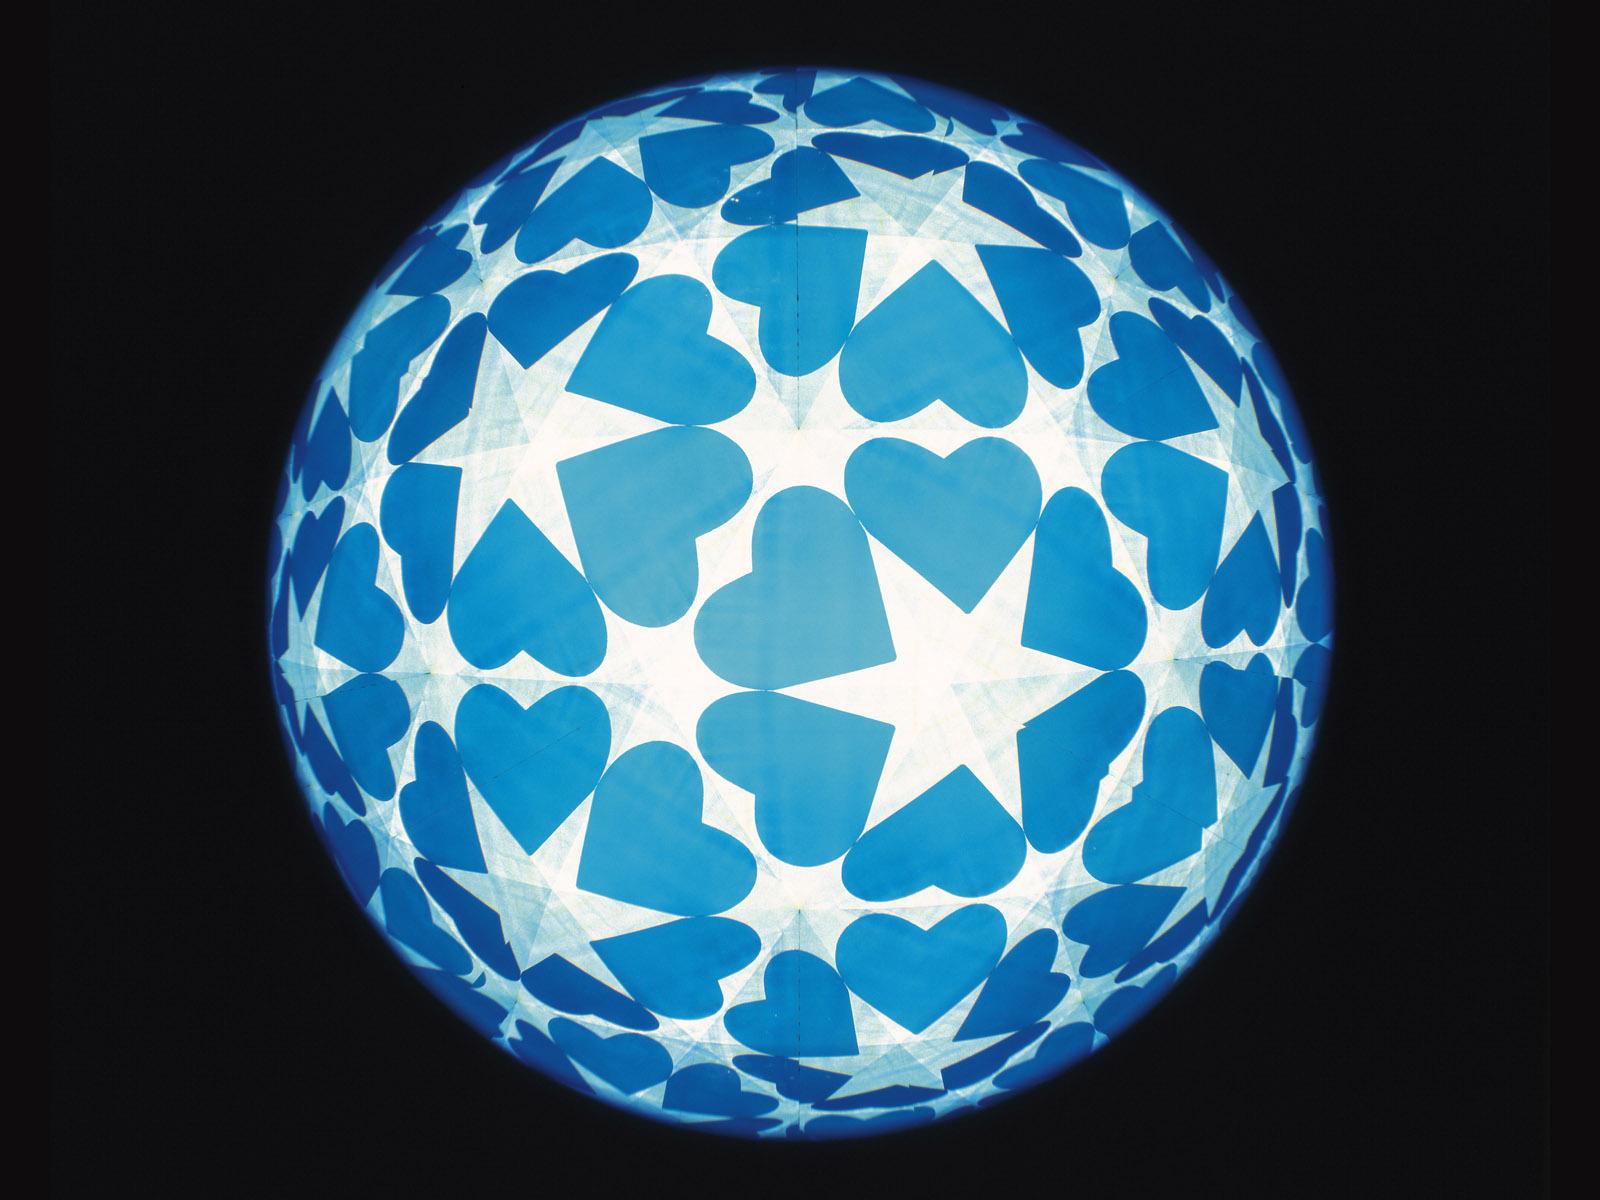 Kaleidoscope - Incredible! Kaleidoscope